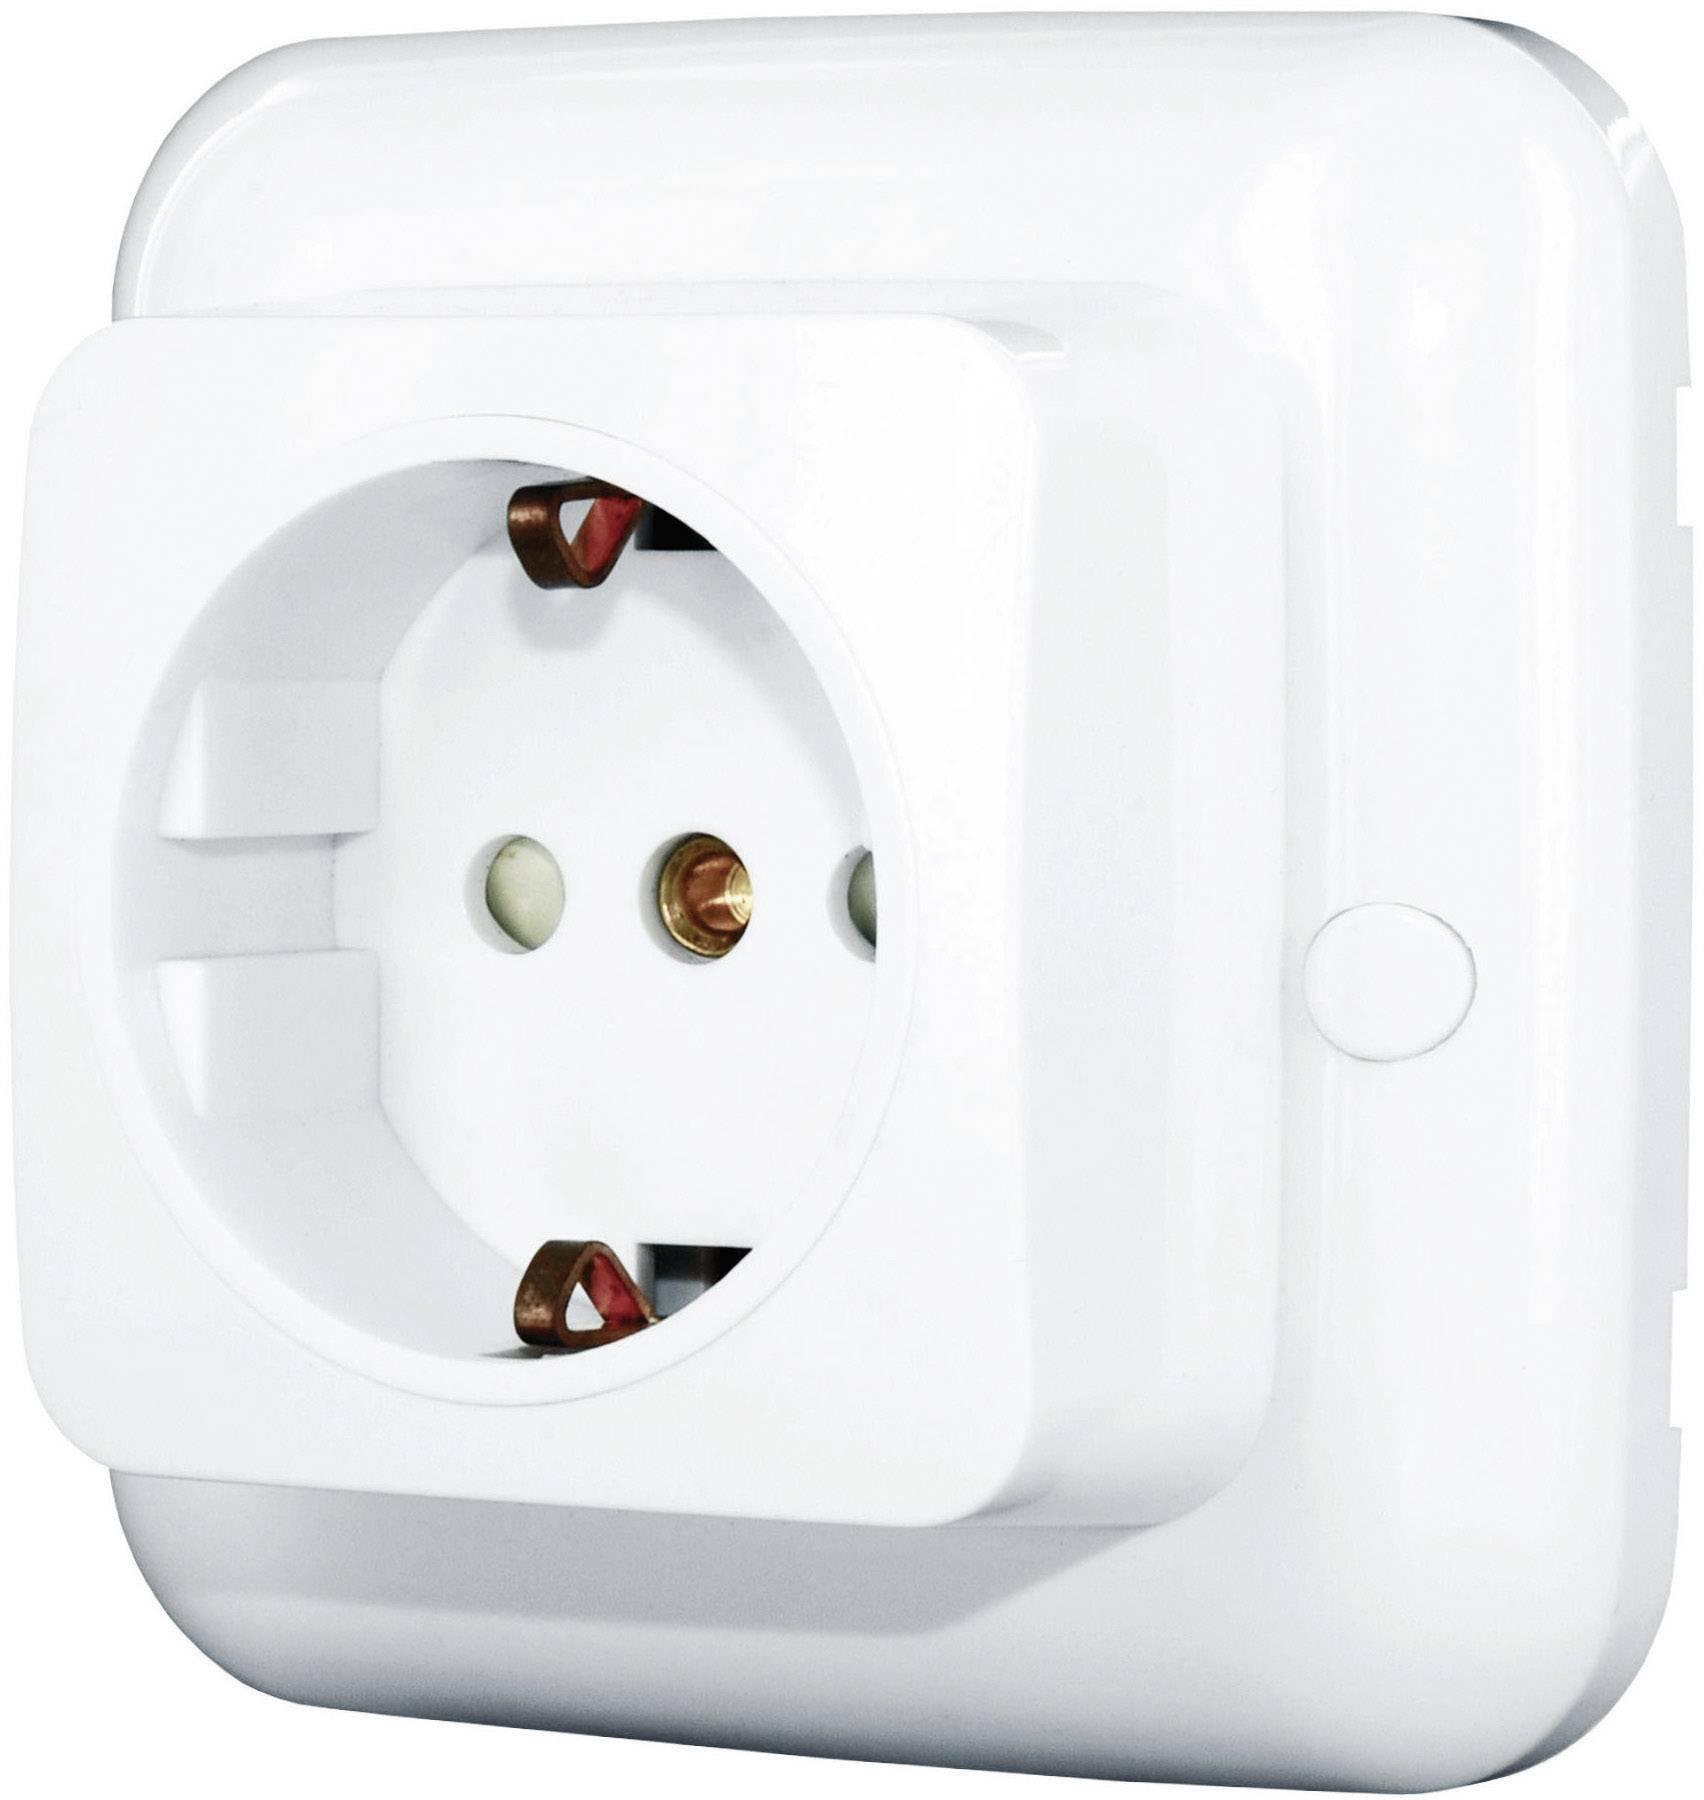 Bezdrôtová zásuvka Home Easy HE881, max. 2300 W